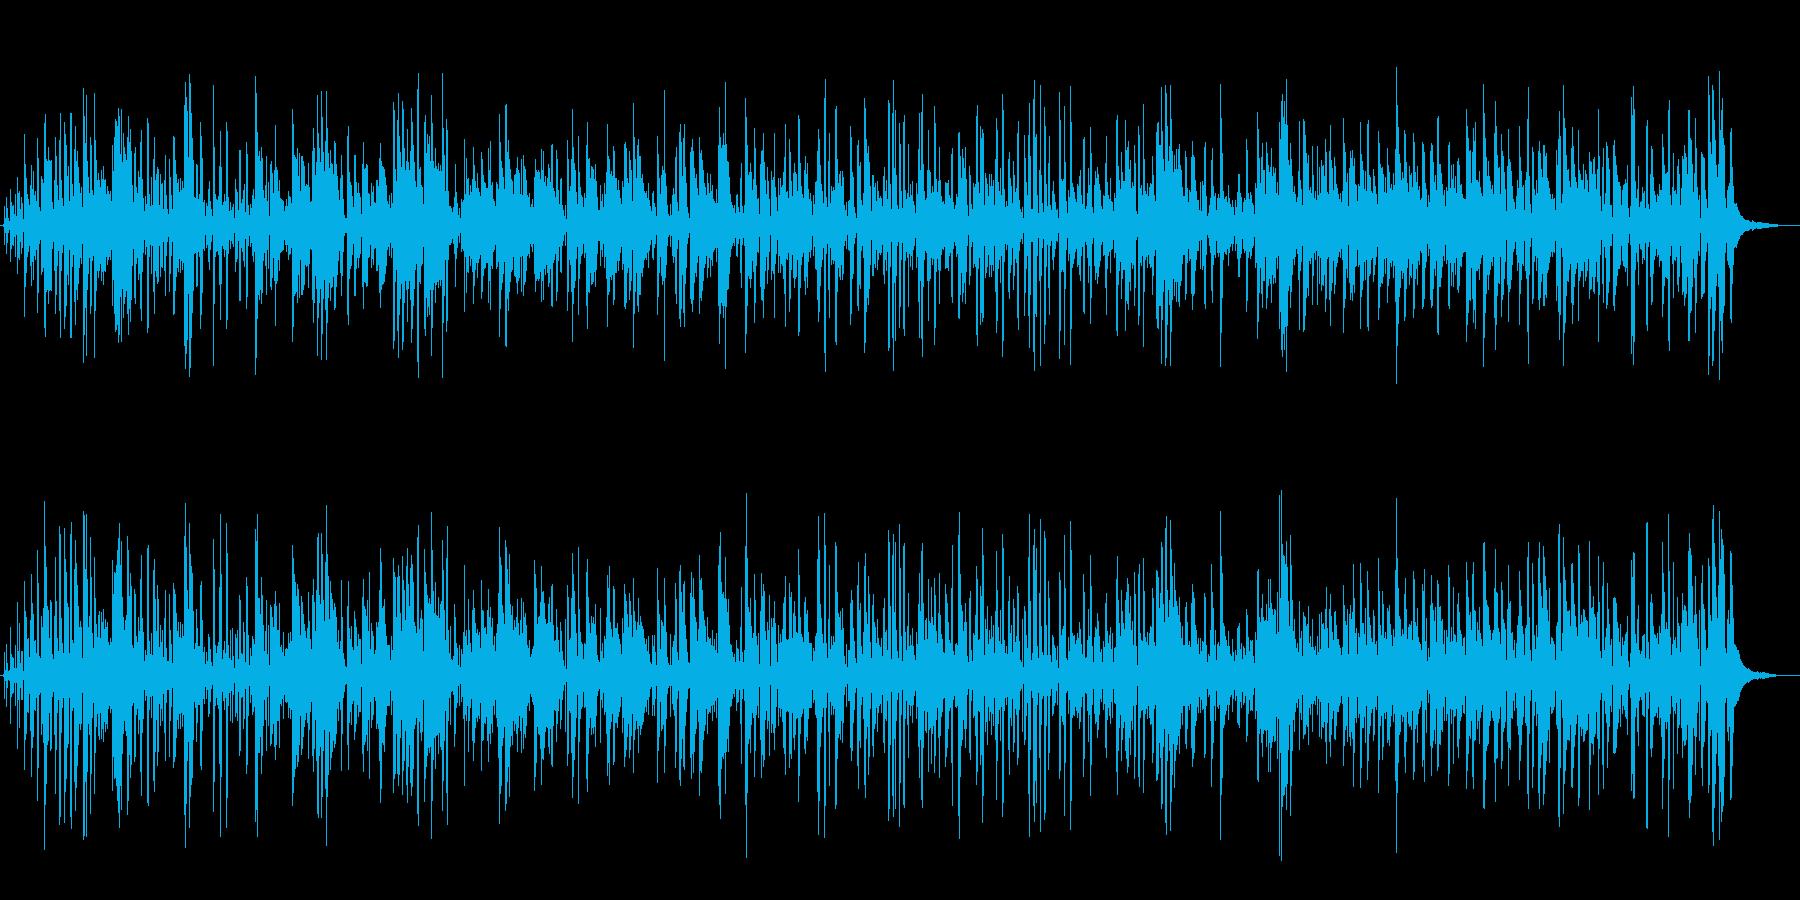 しっとり軽やかお洒落ボサノバジャズピアノの再生済みの波形